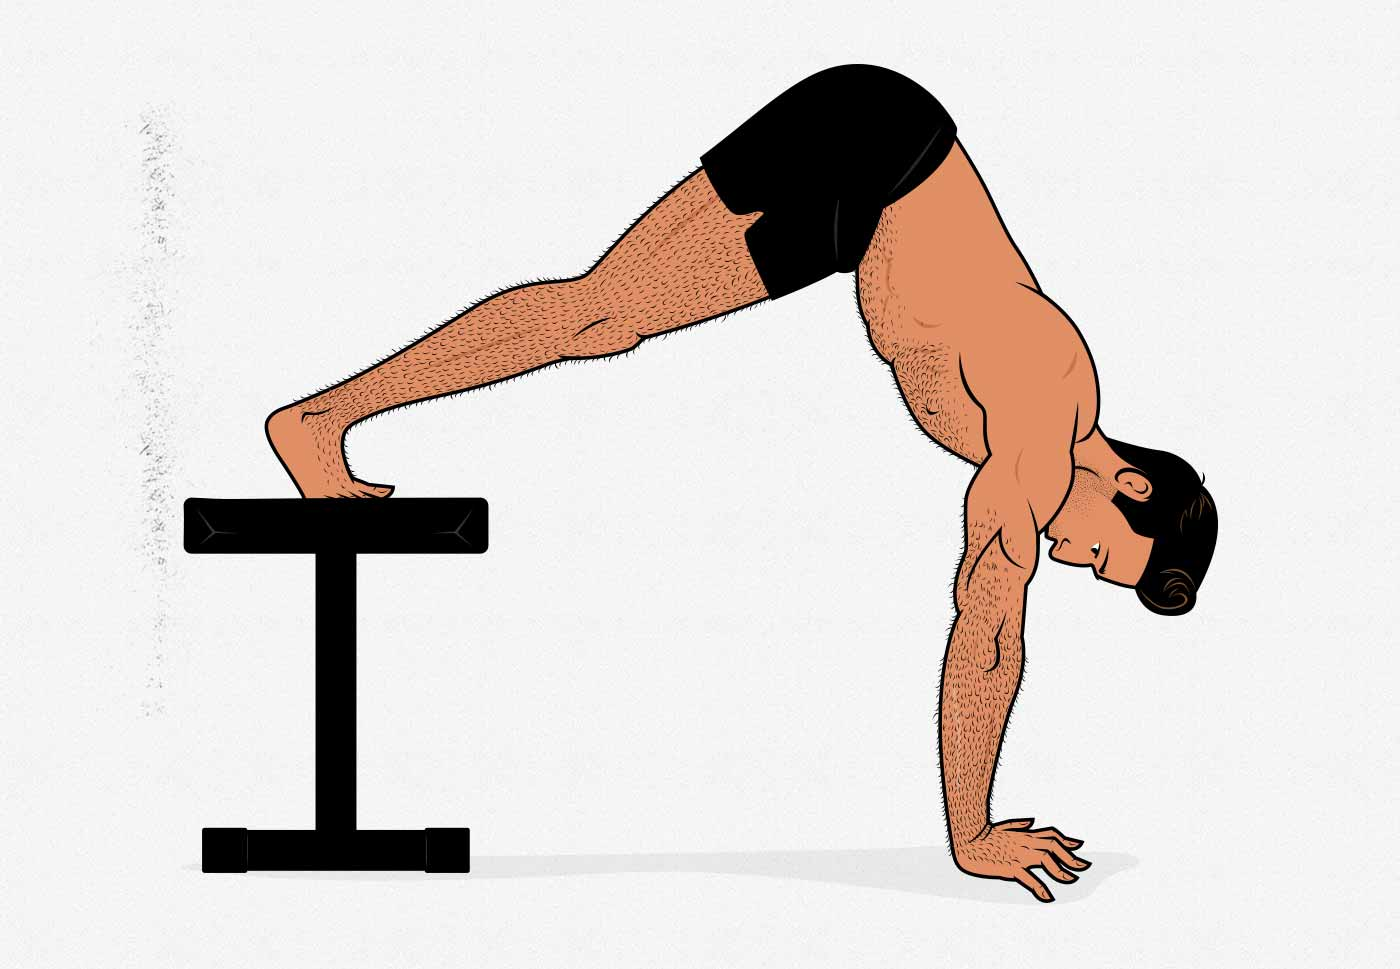 Ilustración de una flexión de brazos pike